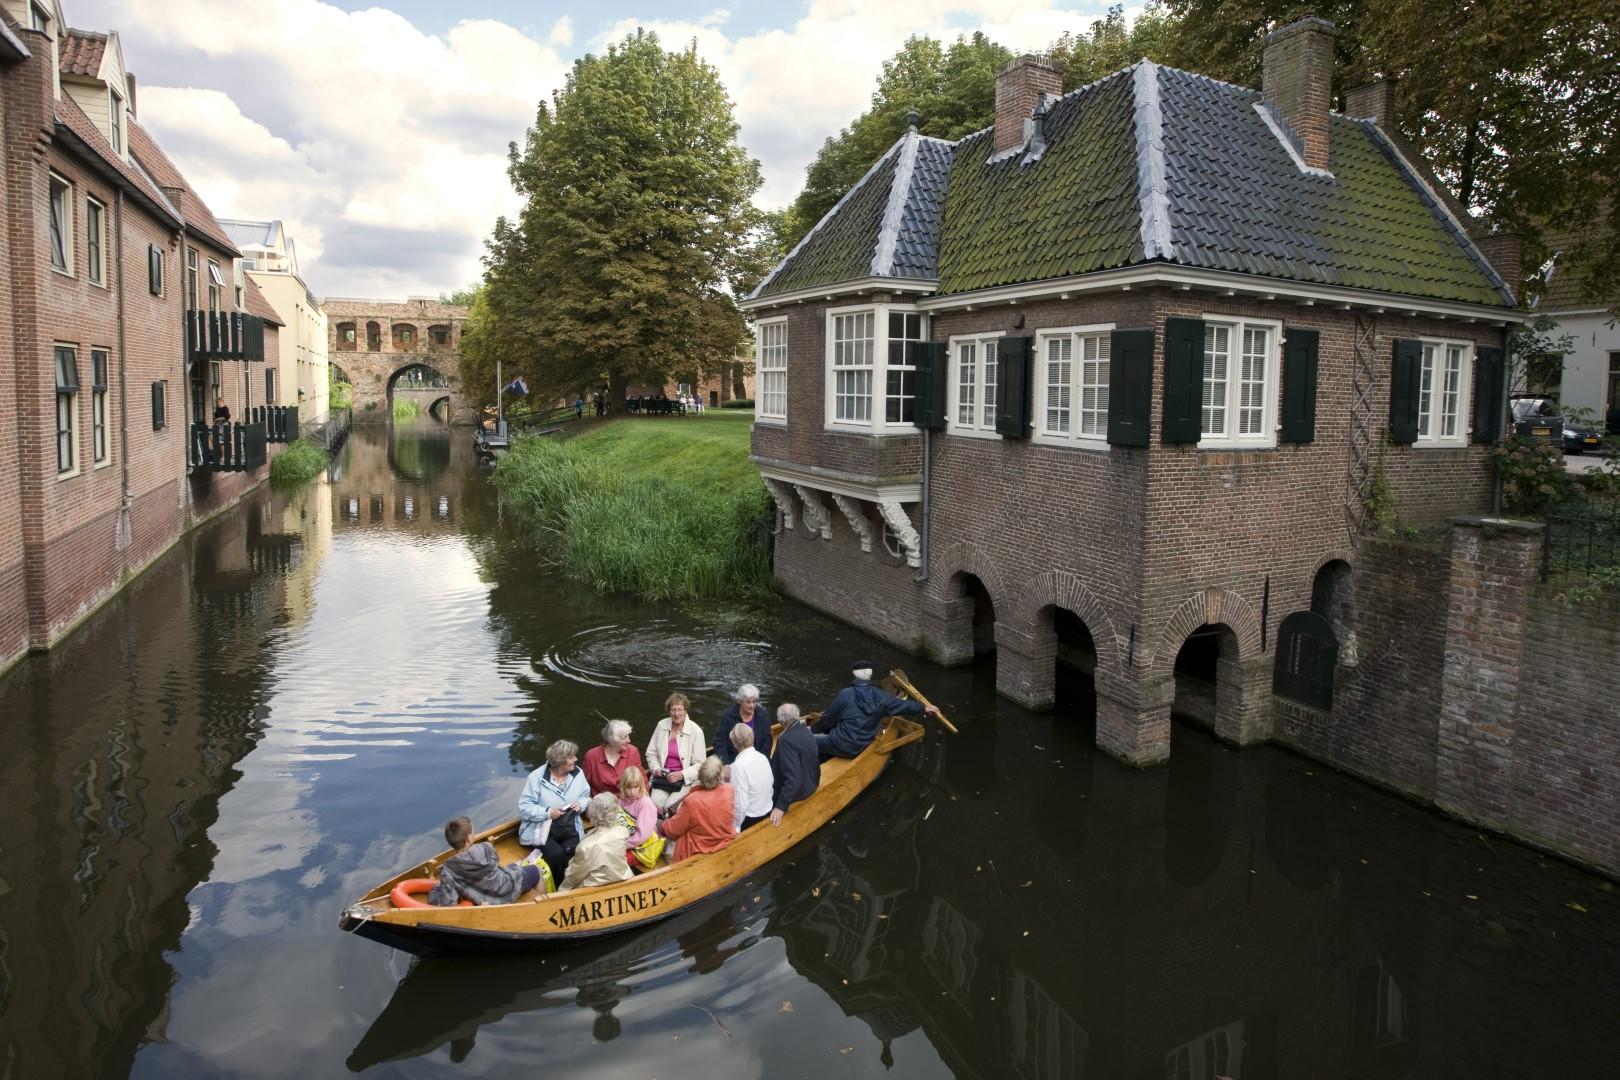 Fluisterboot De Martinet bij het Leeuwenhuisje. Foto Patrick van Gemert / Zutphens Persbureau